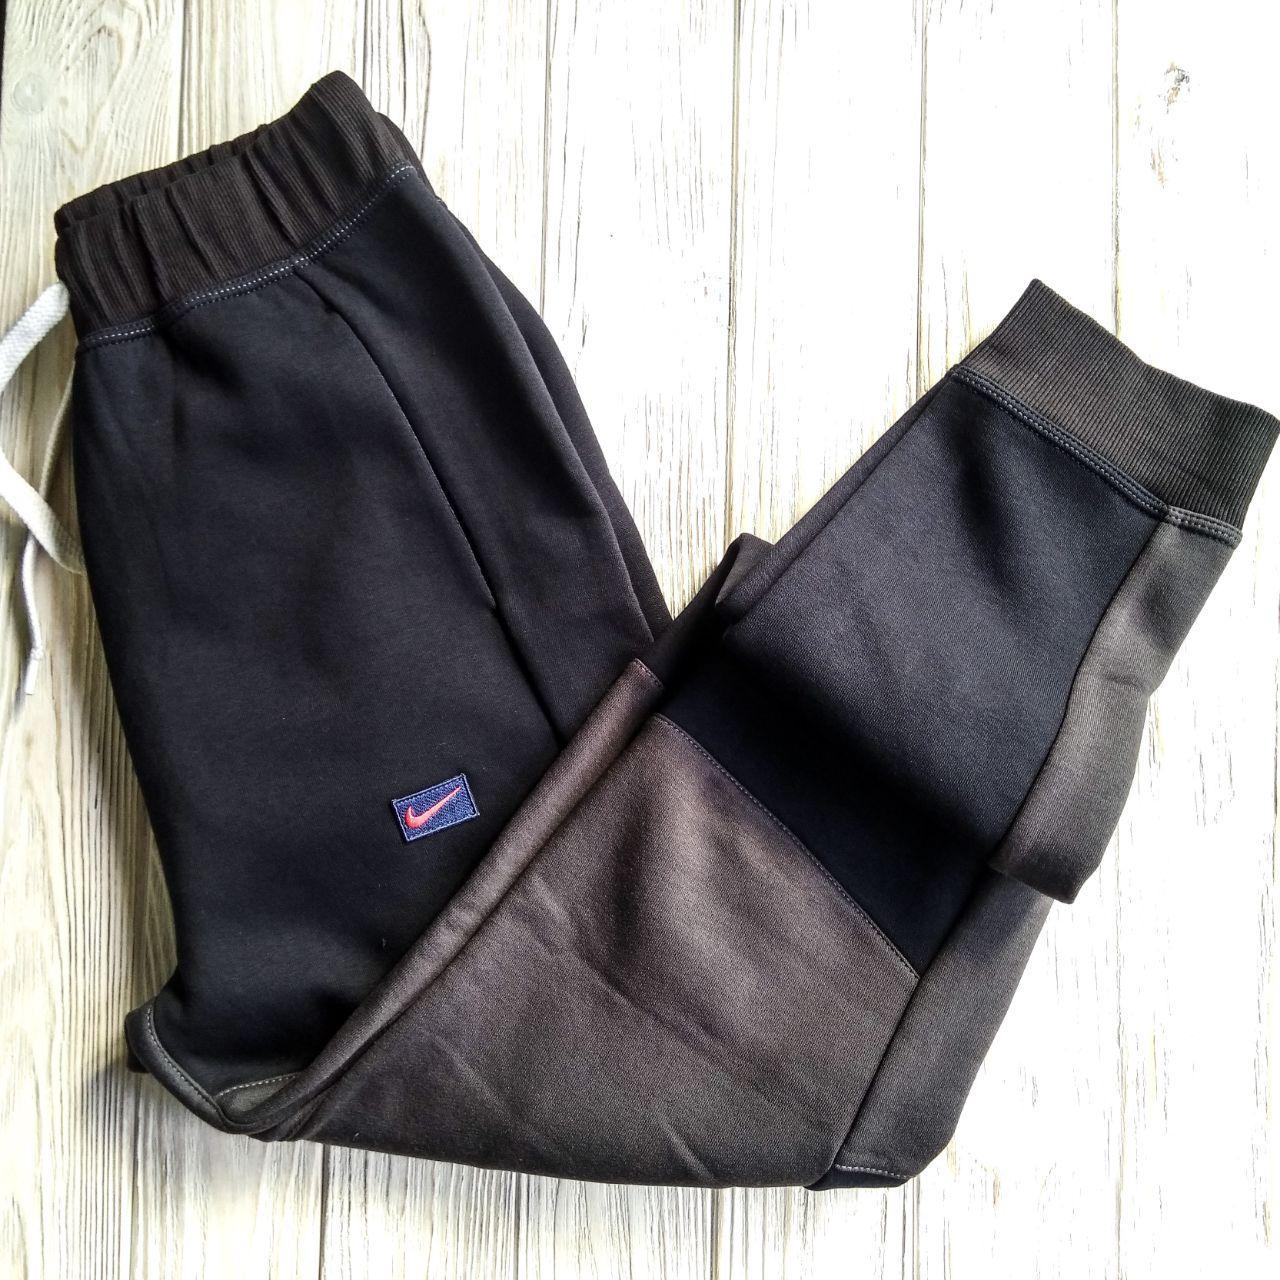 Штаны мужские спортивные Nike т-серый/т-синий (зима)